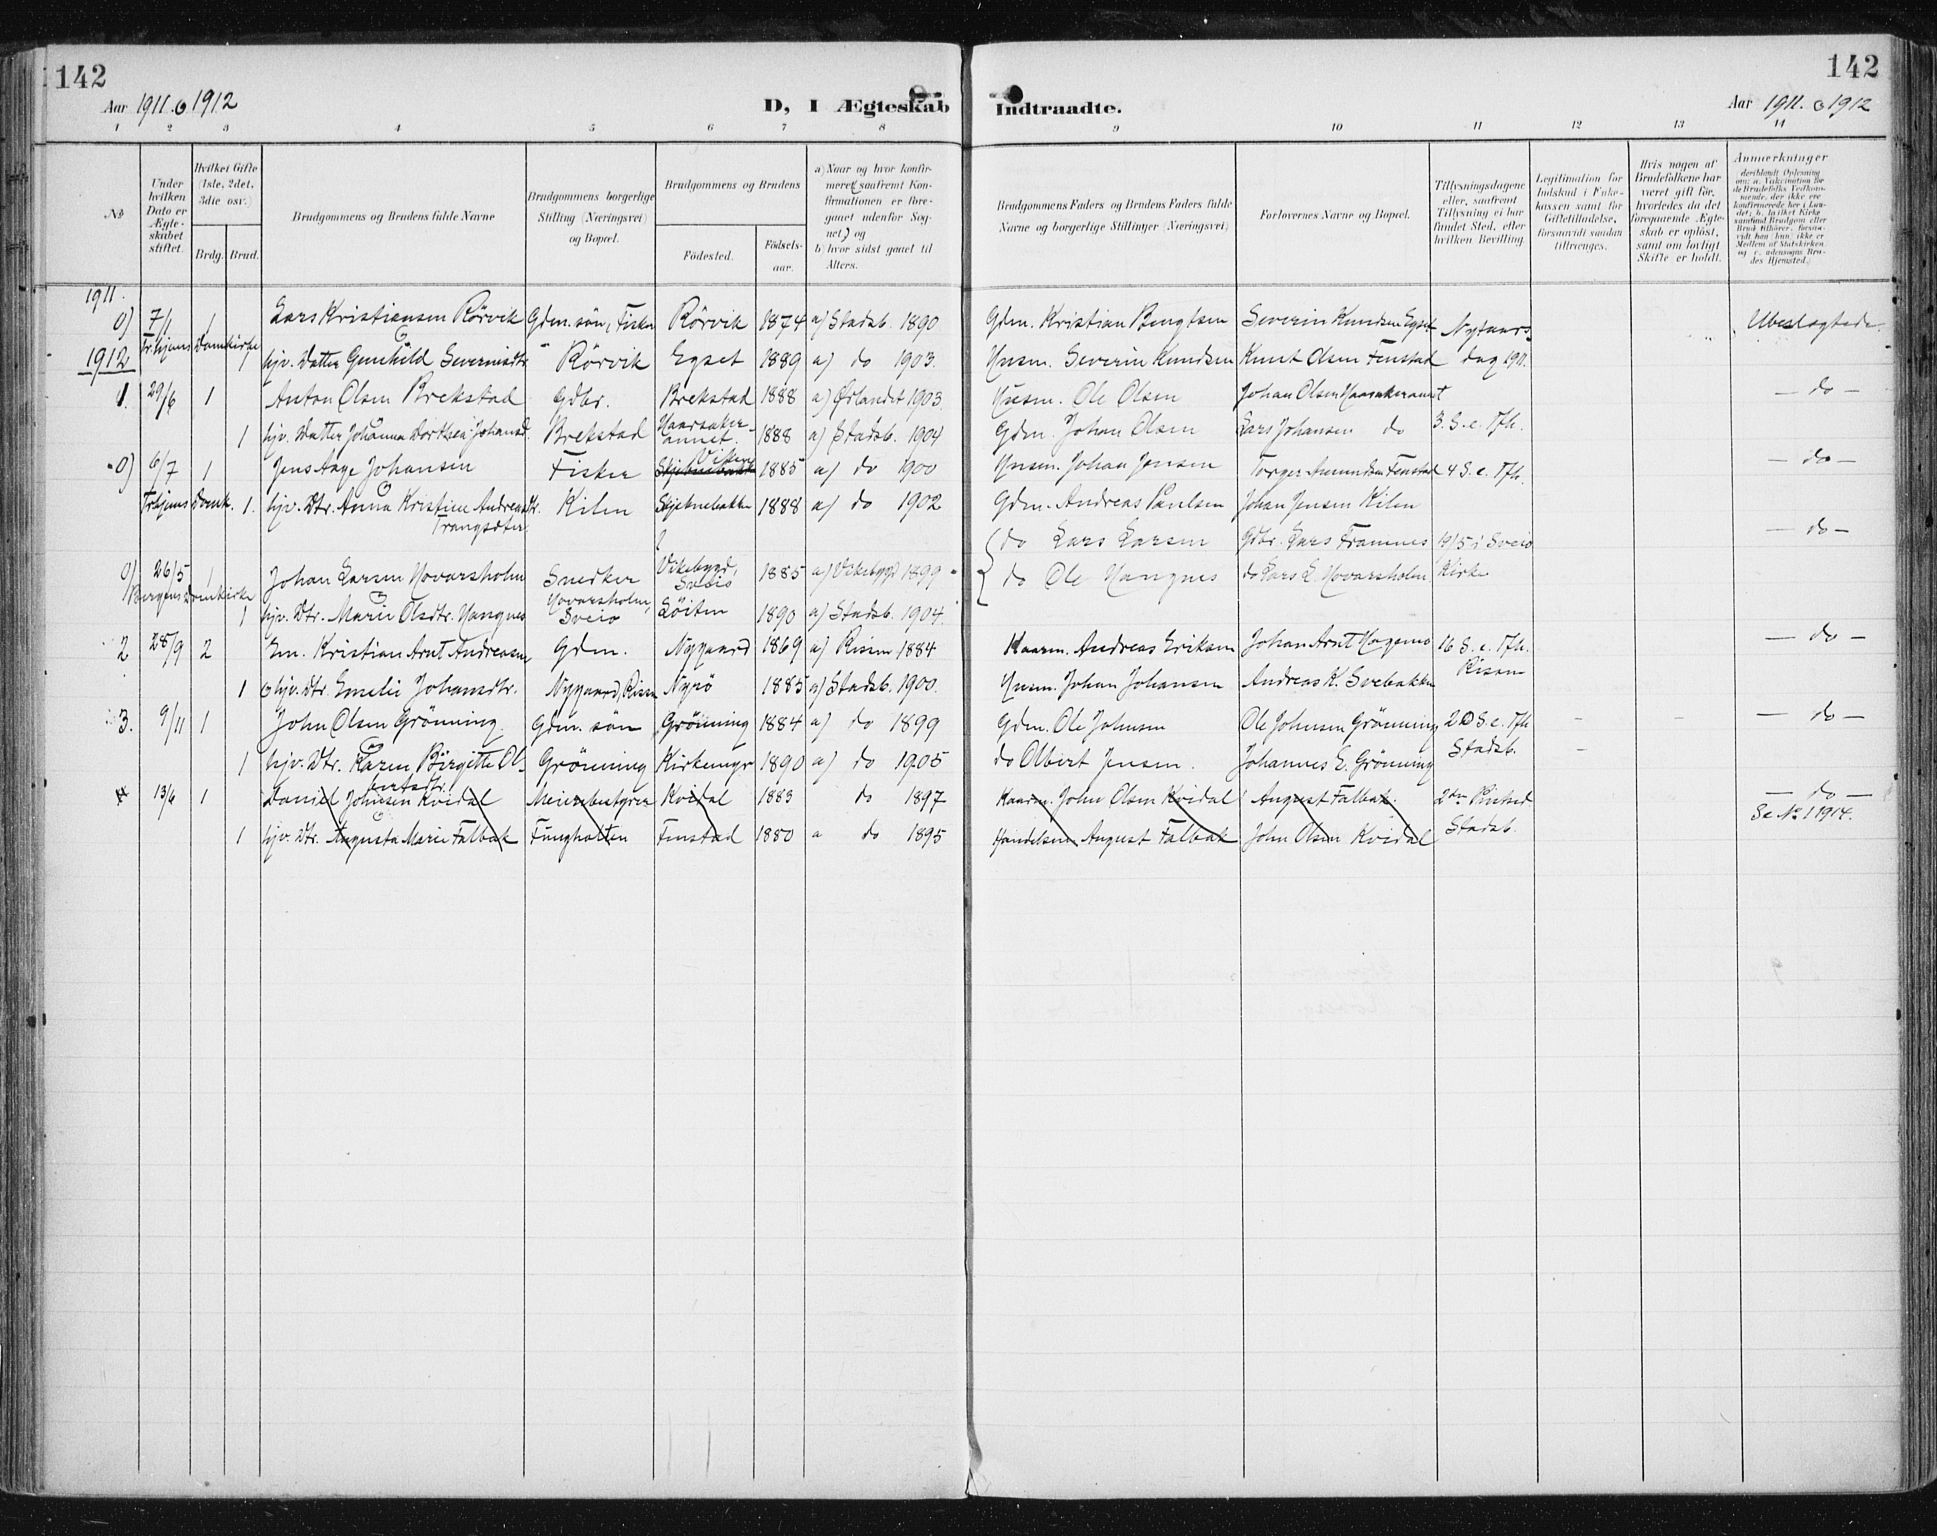 SAT, Ministerialprotokoller, klokkerbøker og fødselsregistre - Sør-Trøndelag, 646/L0616: Ministerialbok nr. 646A14, 1900-1918, s. 142